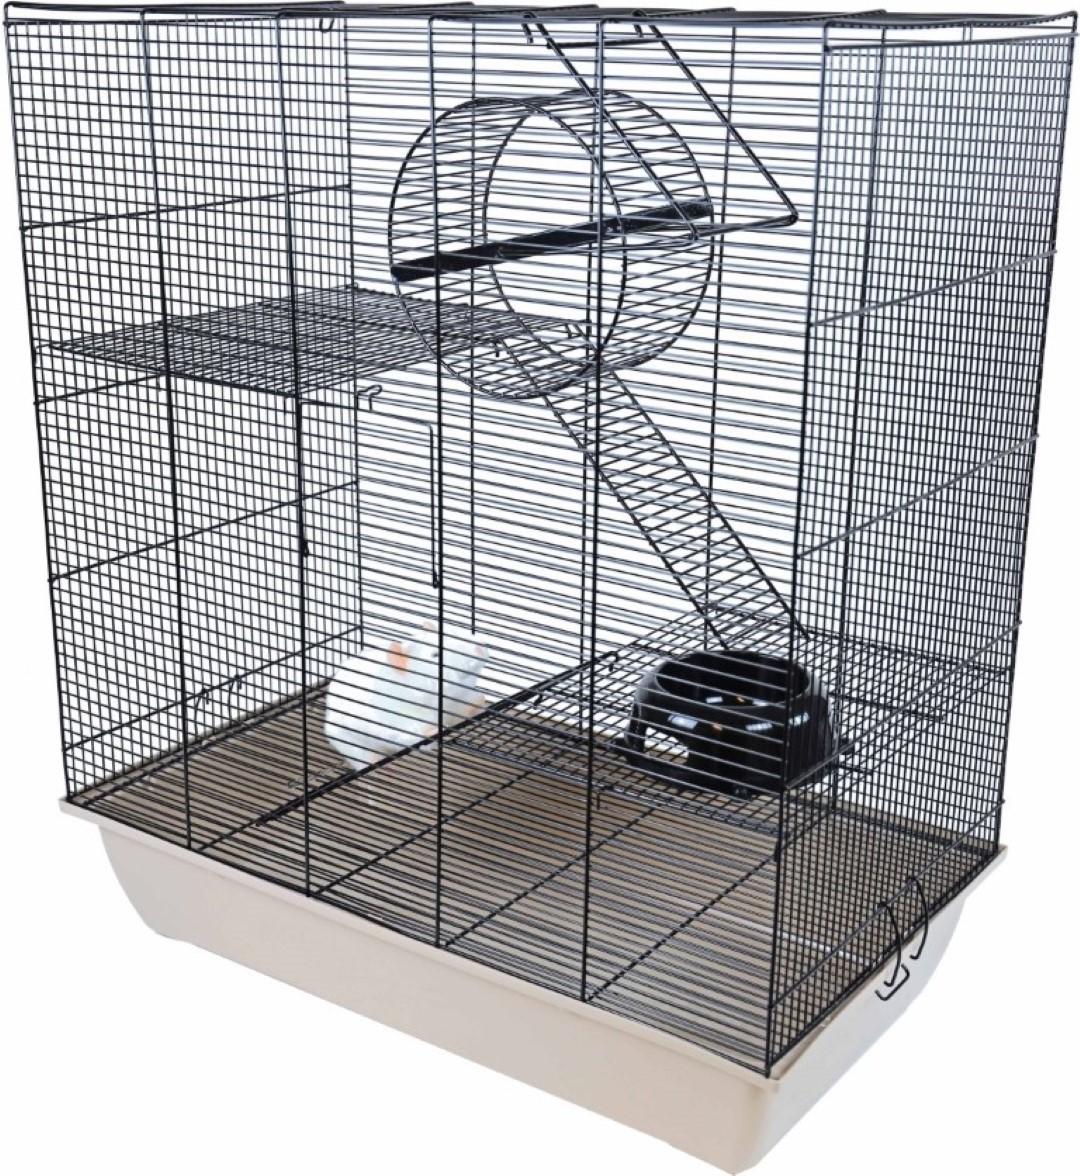 Interzoo rattenkooi Rat 70 zwart/beige